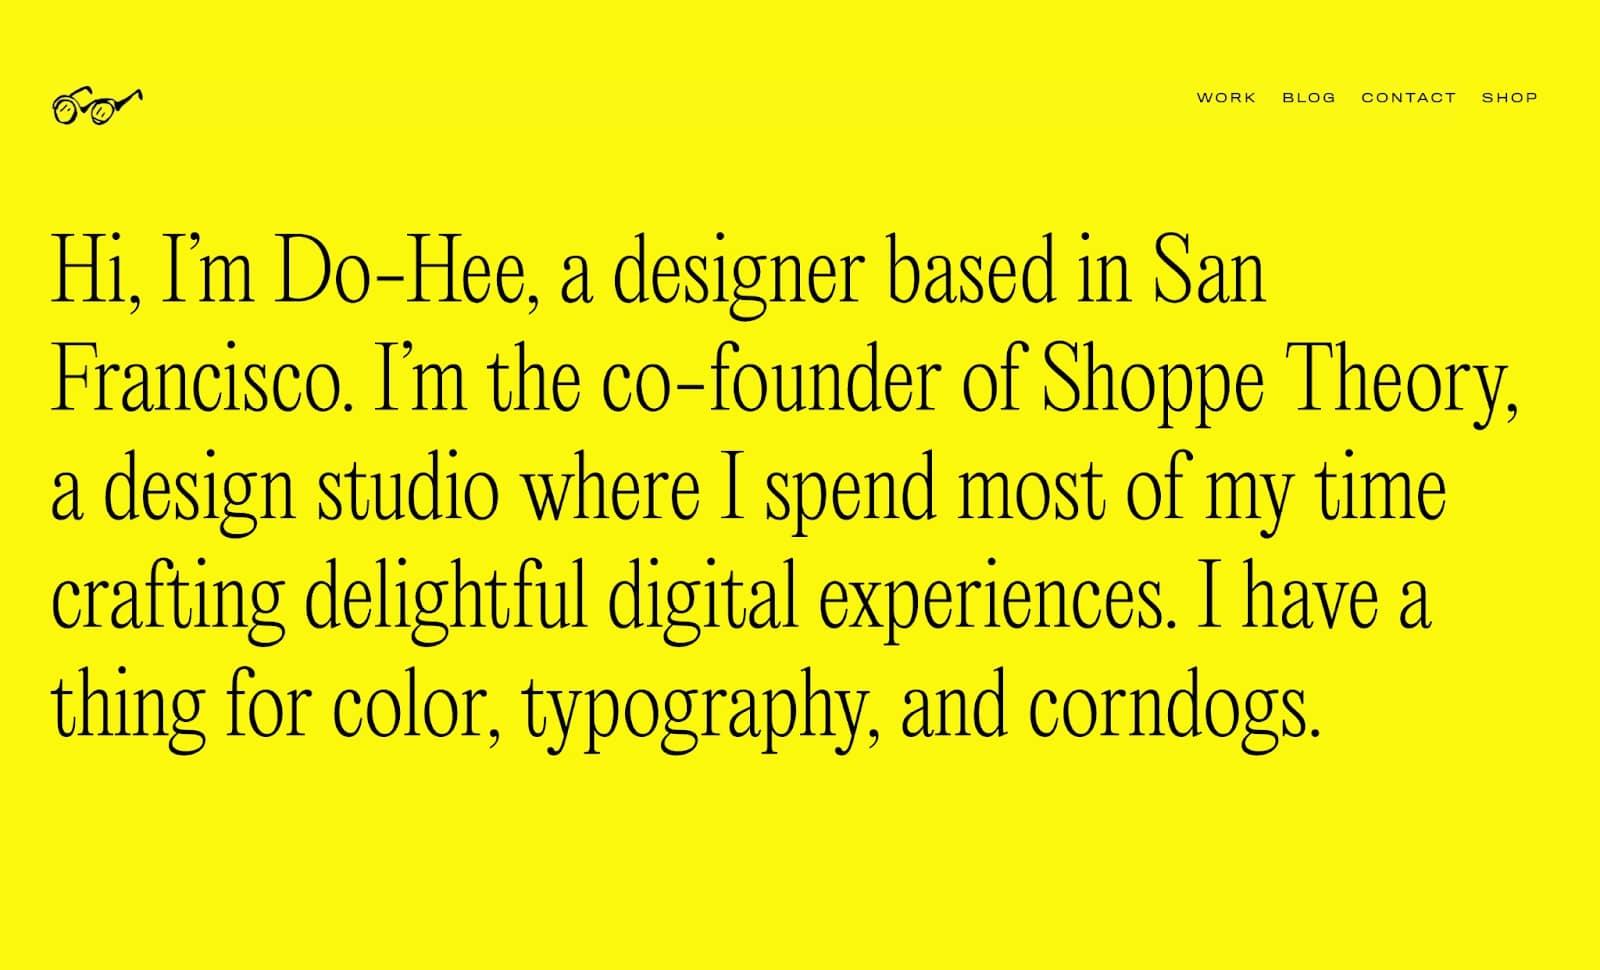 An image of Do-Hee's portfolio website.